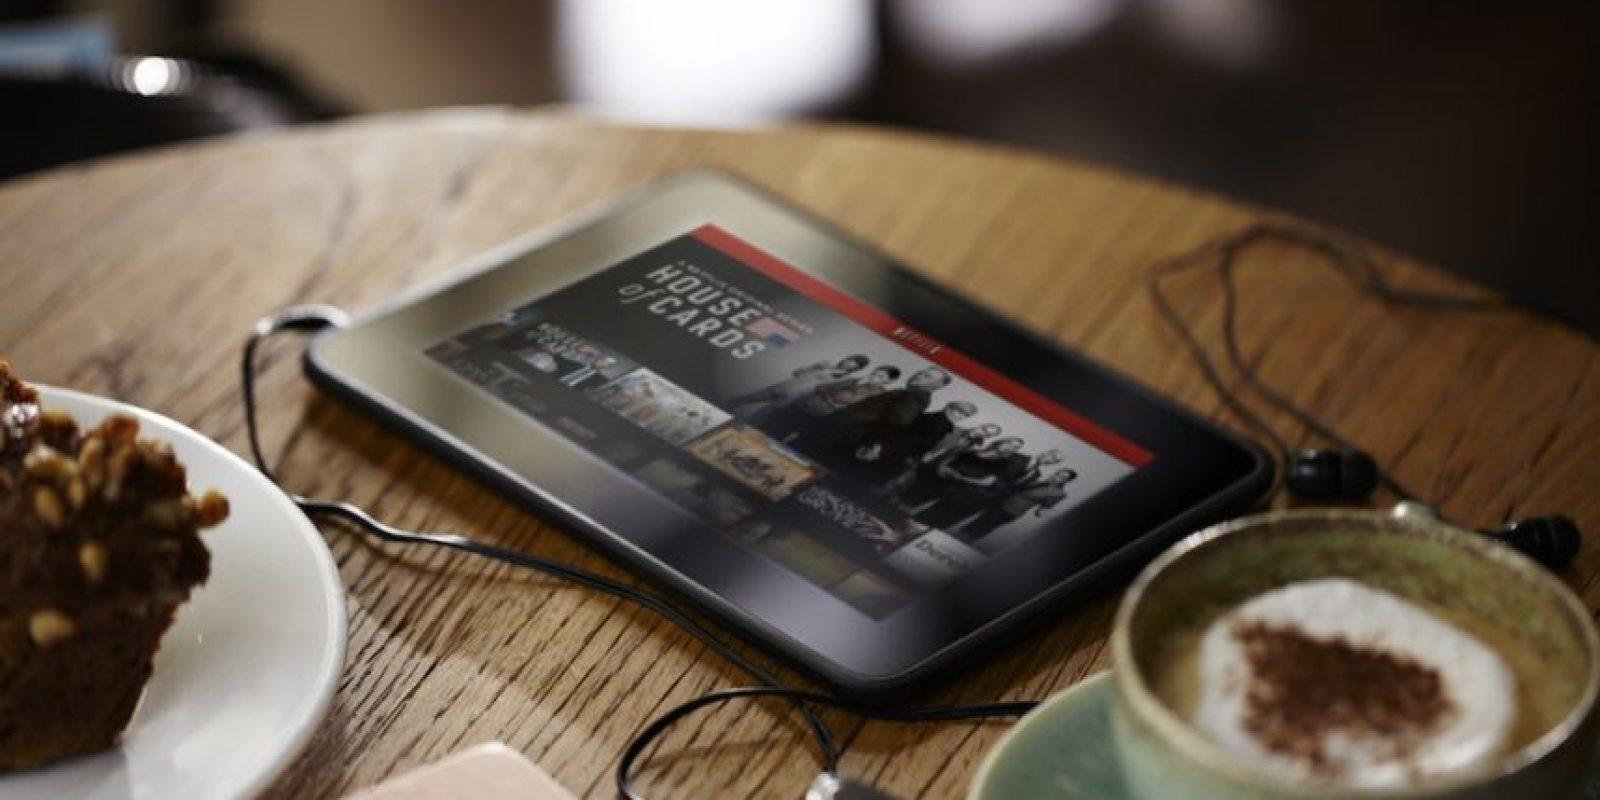 El precio de suscripción aumentará entre uno y dos dólares Foto:Netflix